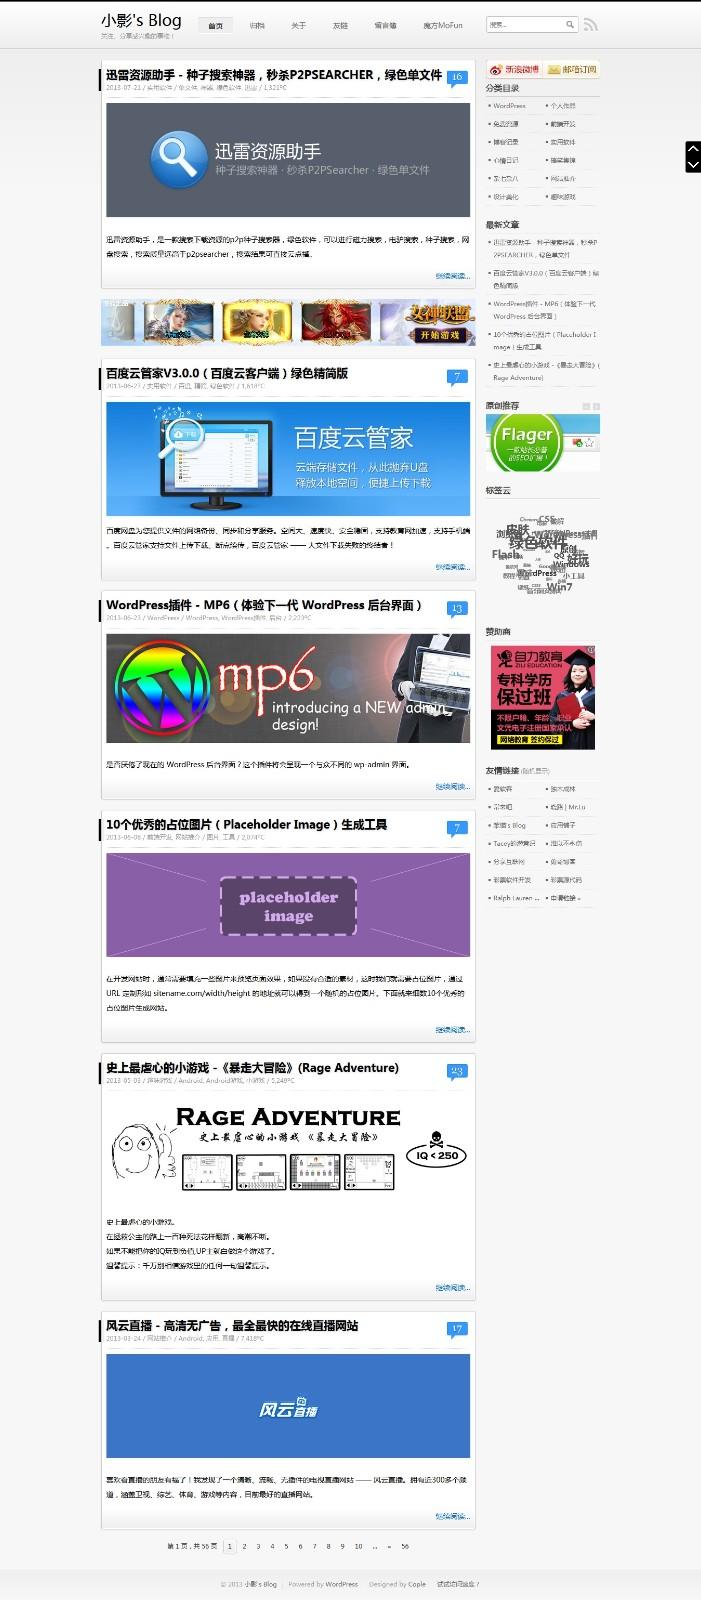 [¥49]国人原创经典质感WordPress博客主题:ZiPE